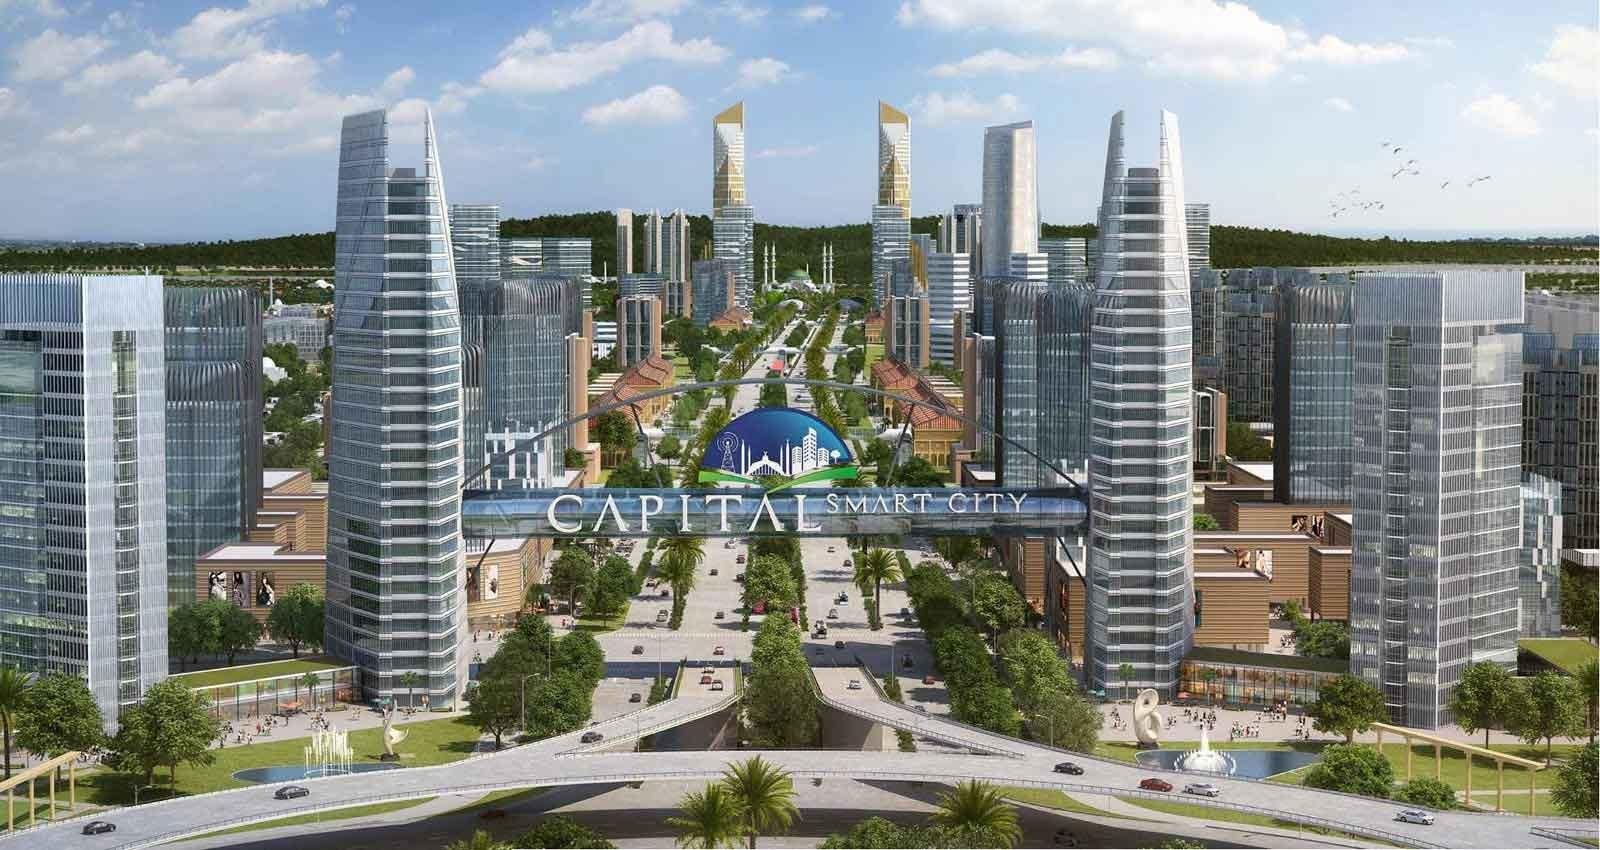 capital samrt city